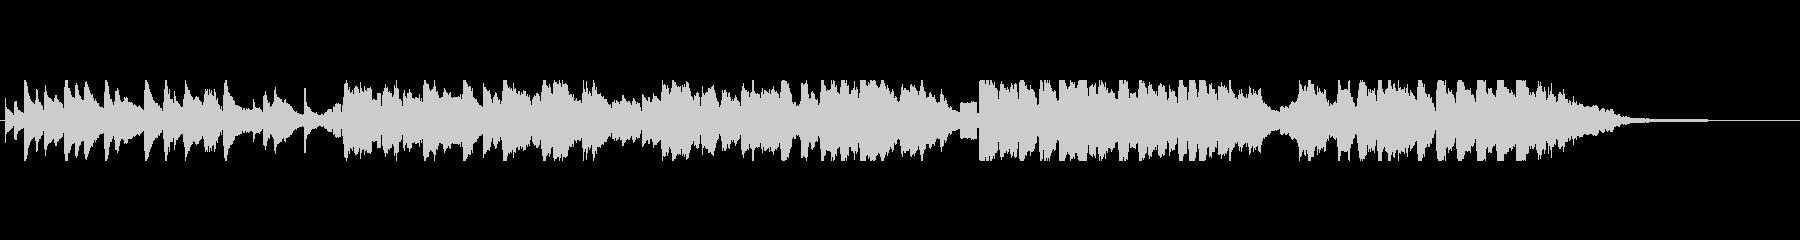 アイリッシュの名曲 生演奏の未再生の波形